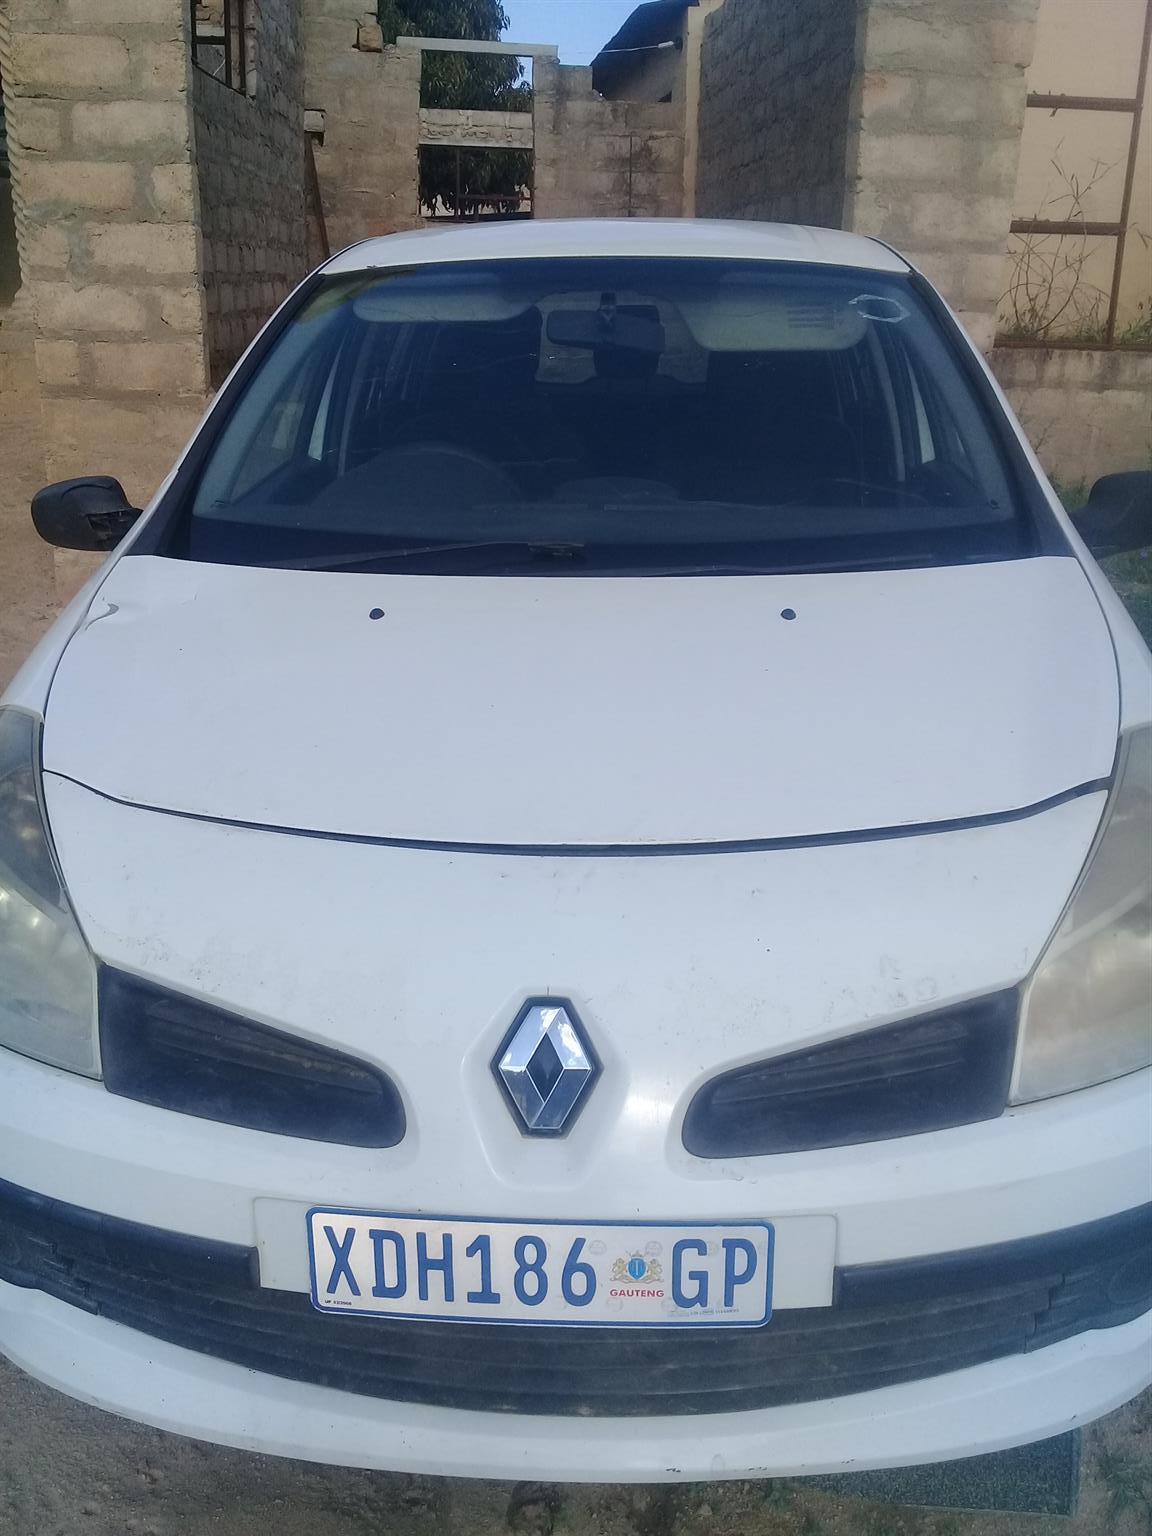 2006 Renault Clio 3